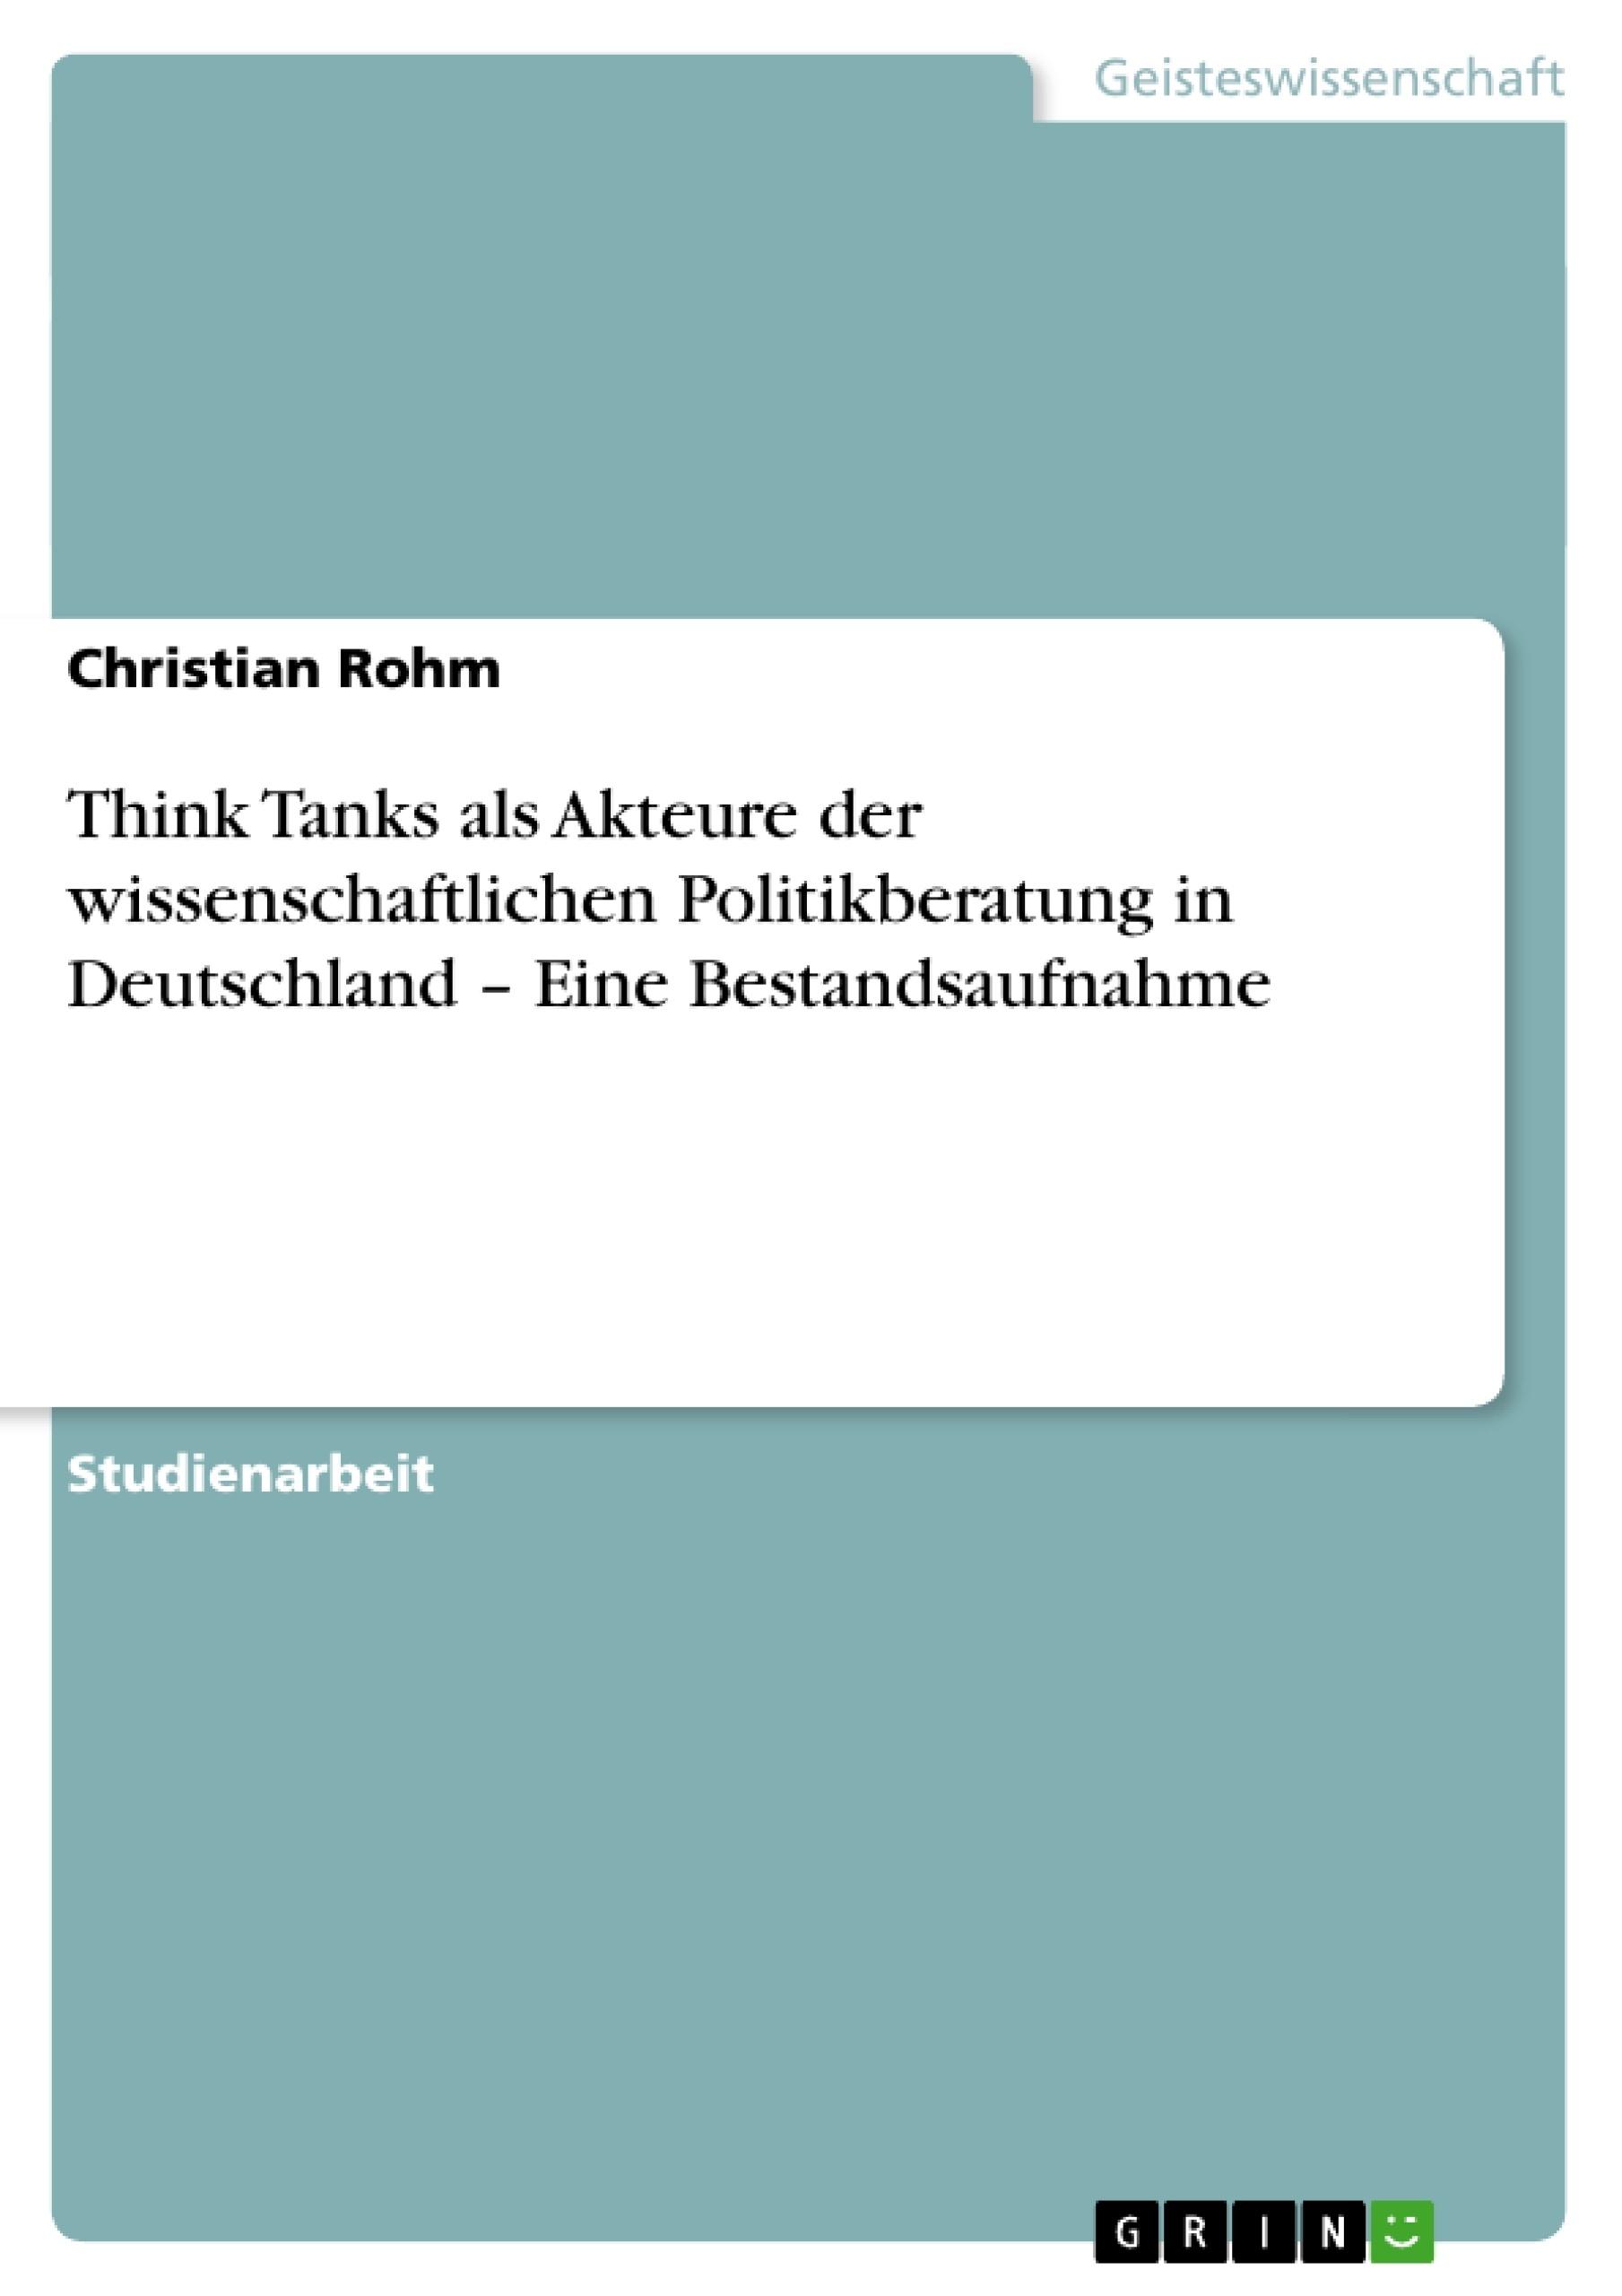 Titel: Think Tanks als Akteure der wissenschaftlichen Politikberatung in Deutschland – Eine Bestandsaufnahme